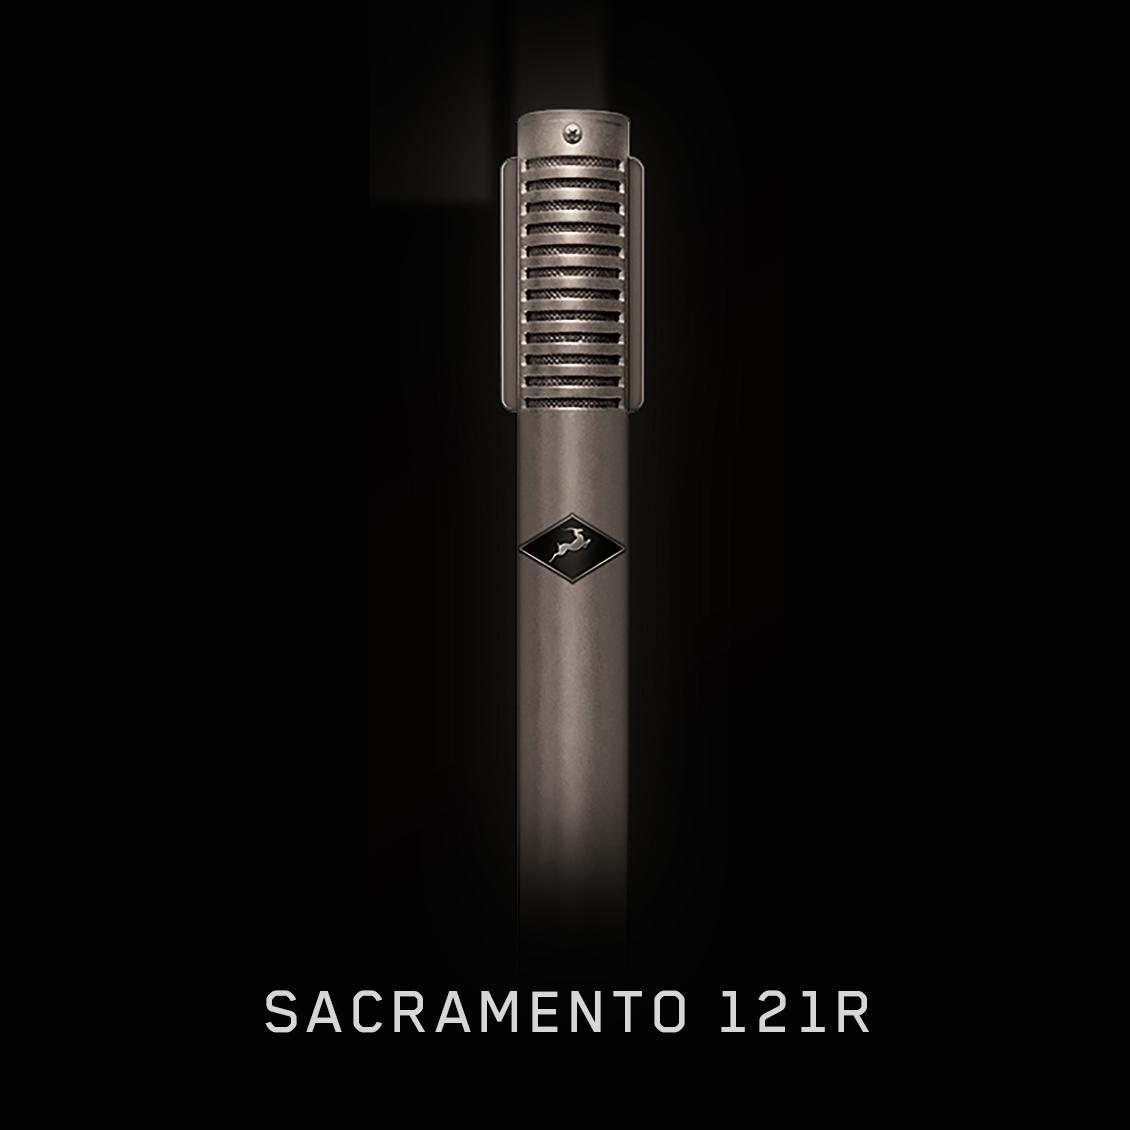 Sacramento 121R